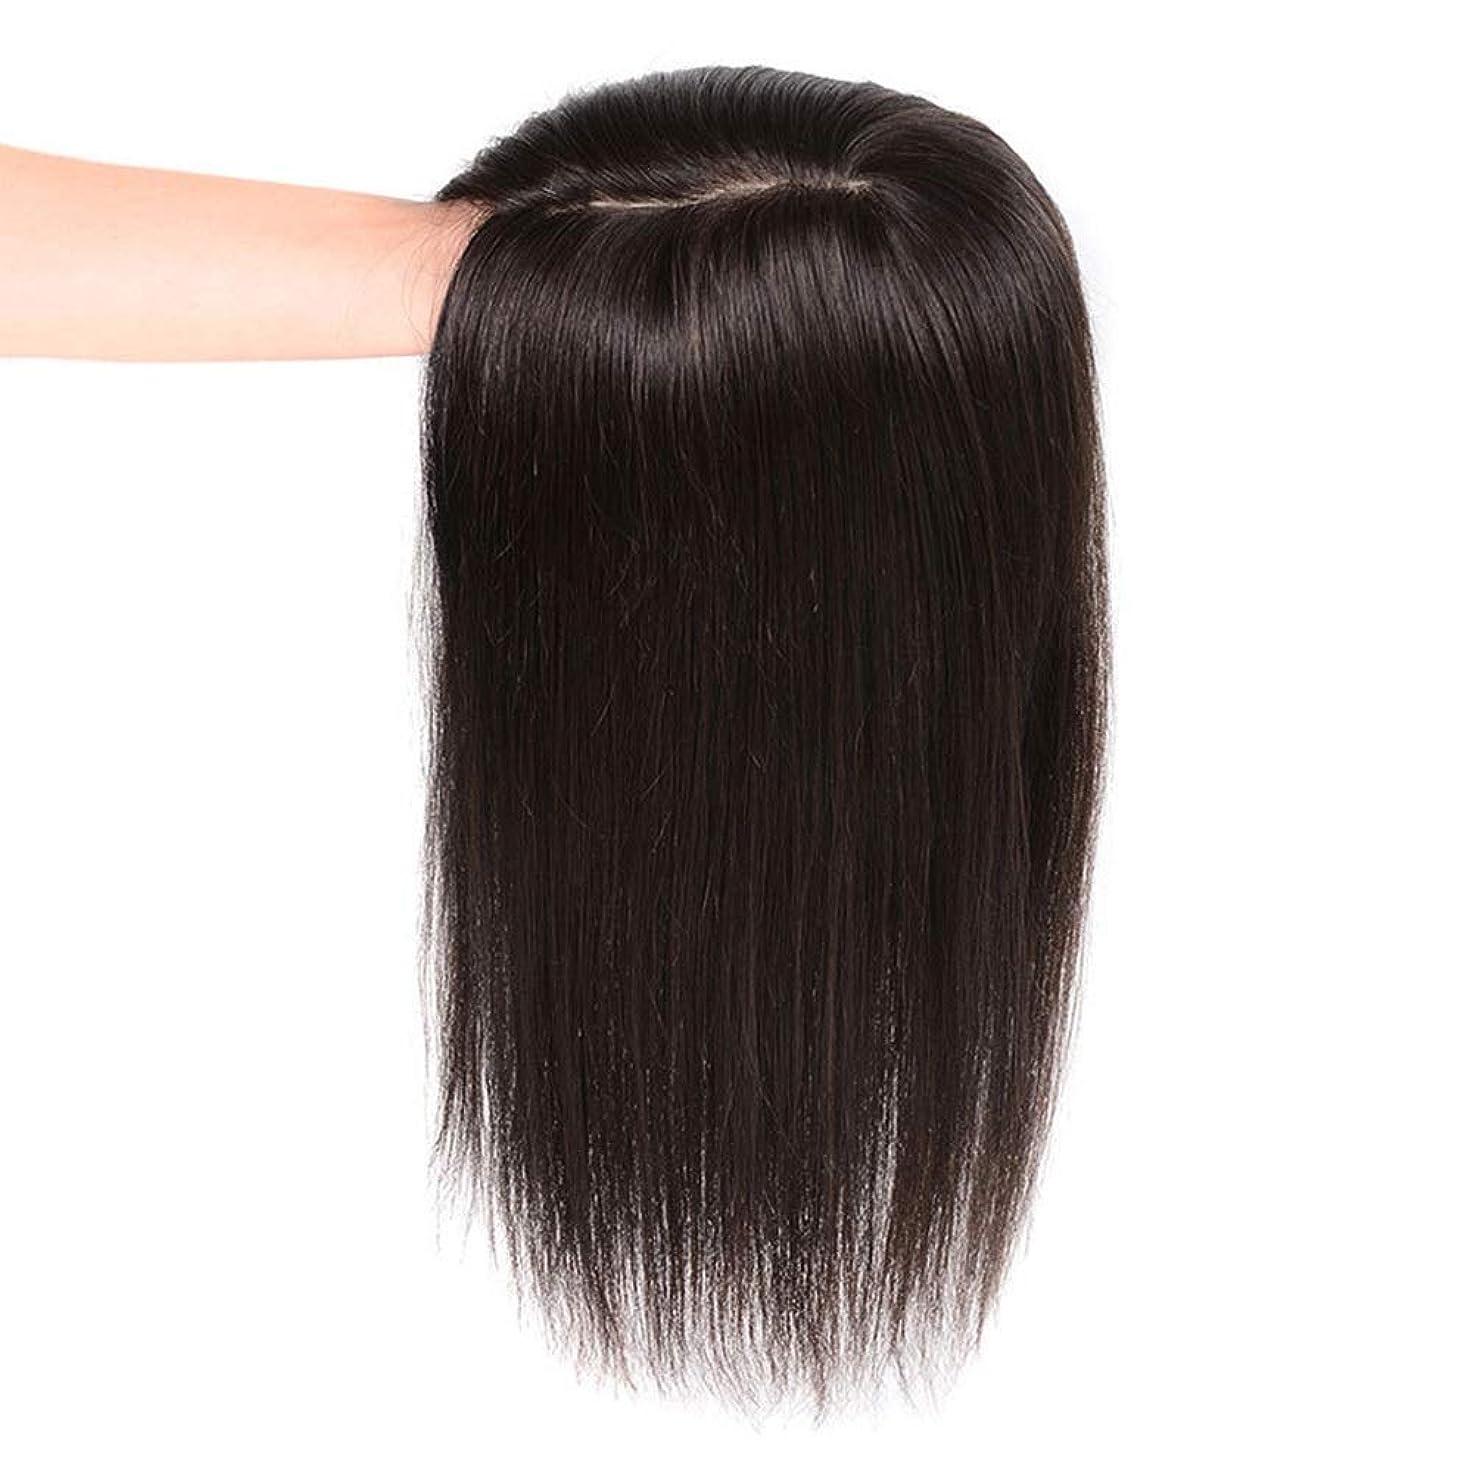 北へしおれた離すHOHYLLYA 女性のための3Dハンドニードルリアルヘアウィッグナチュラルヘアエクステンションホワイトヘアパーティーウィッグ (色 : Natural black, サイズ : [9x14]30cm)